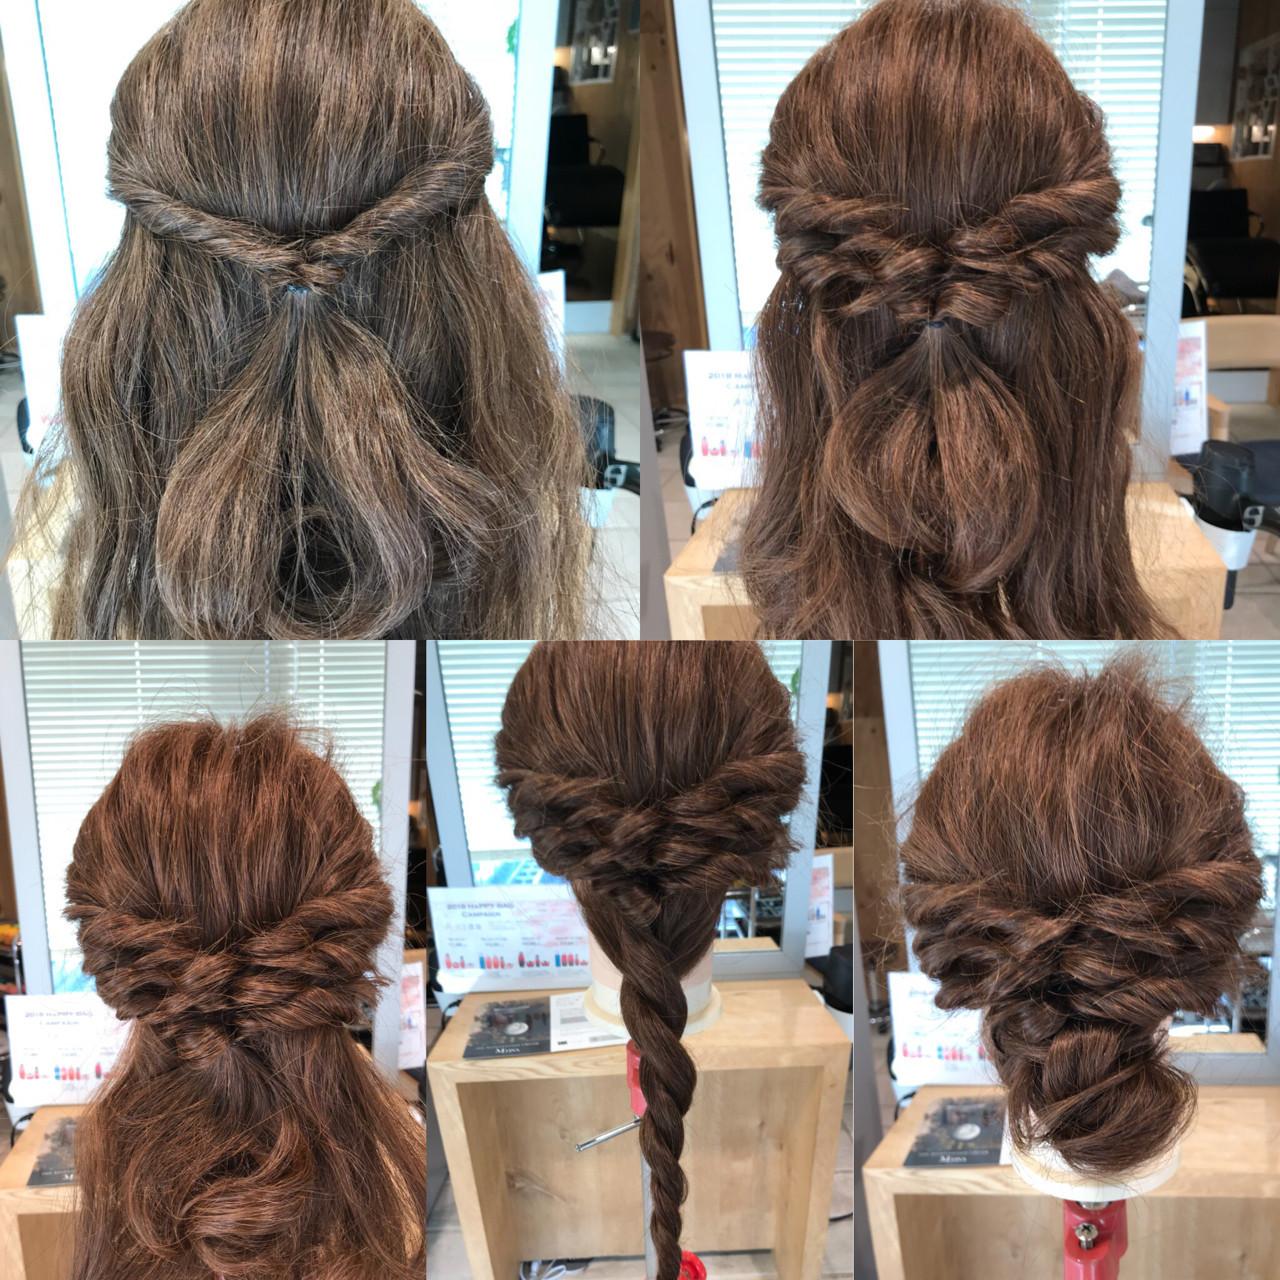 こって見える♪ナチュラルなまとめ髪スタイル YASU | hair salon M.plus ヨツバコ店 (ヘアーサロン エムプラス)